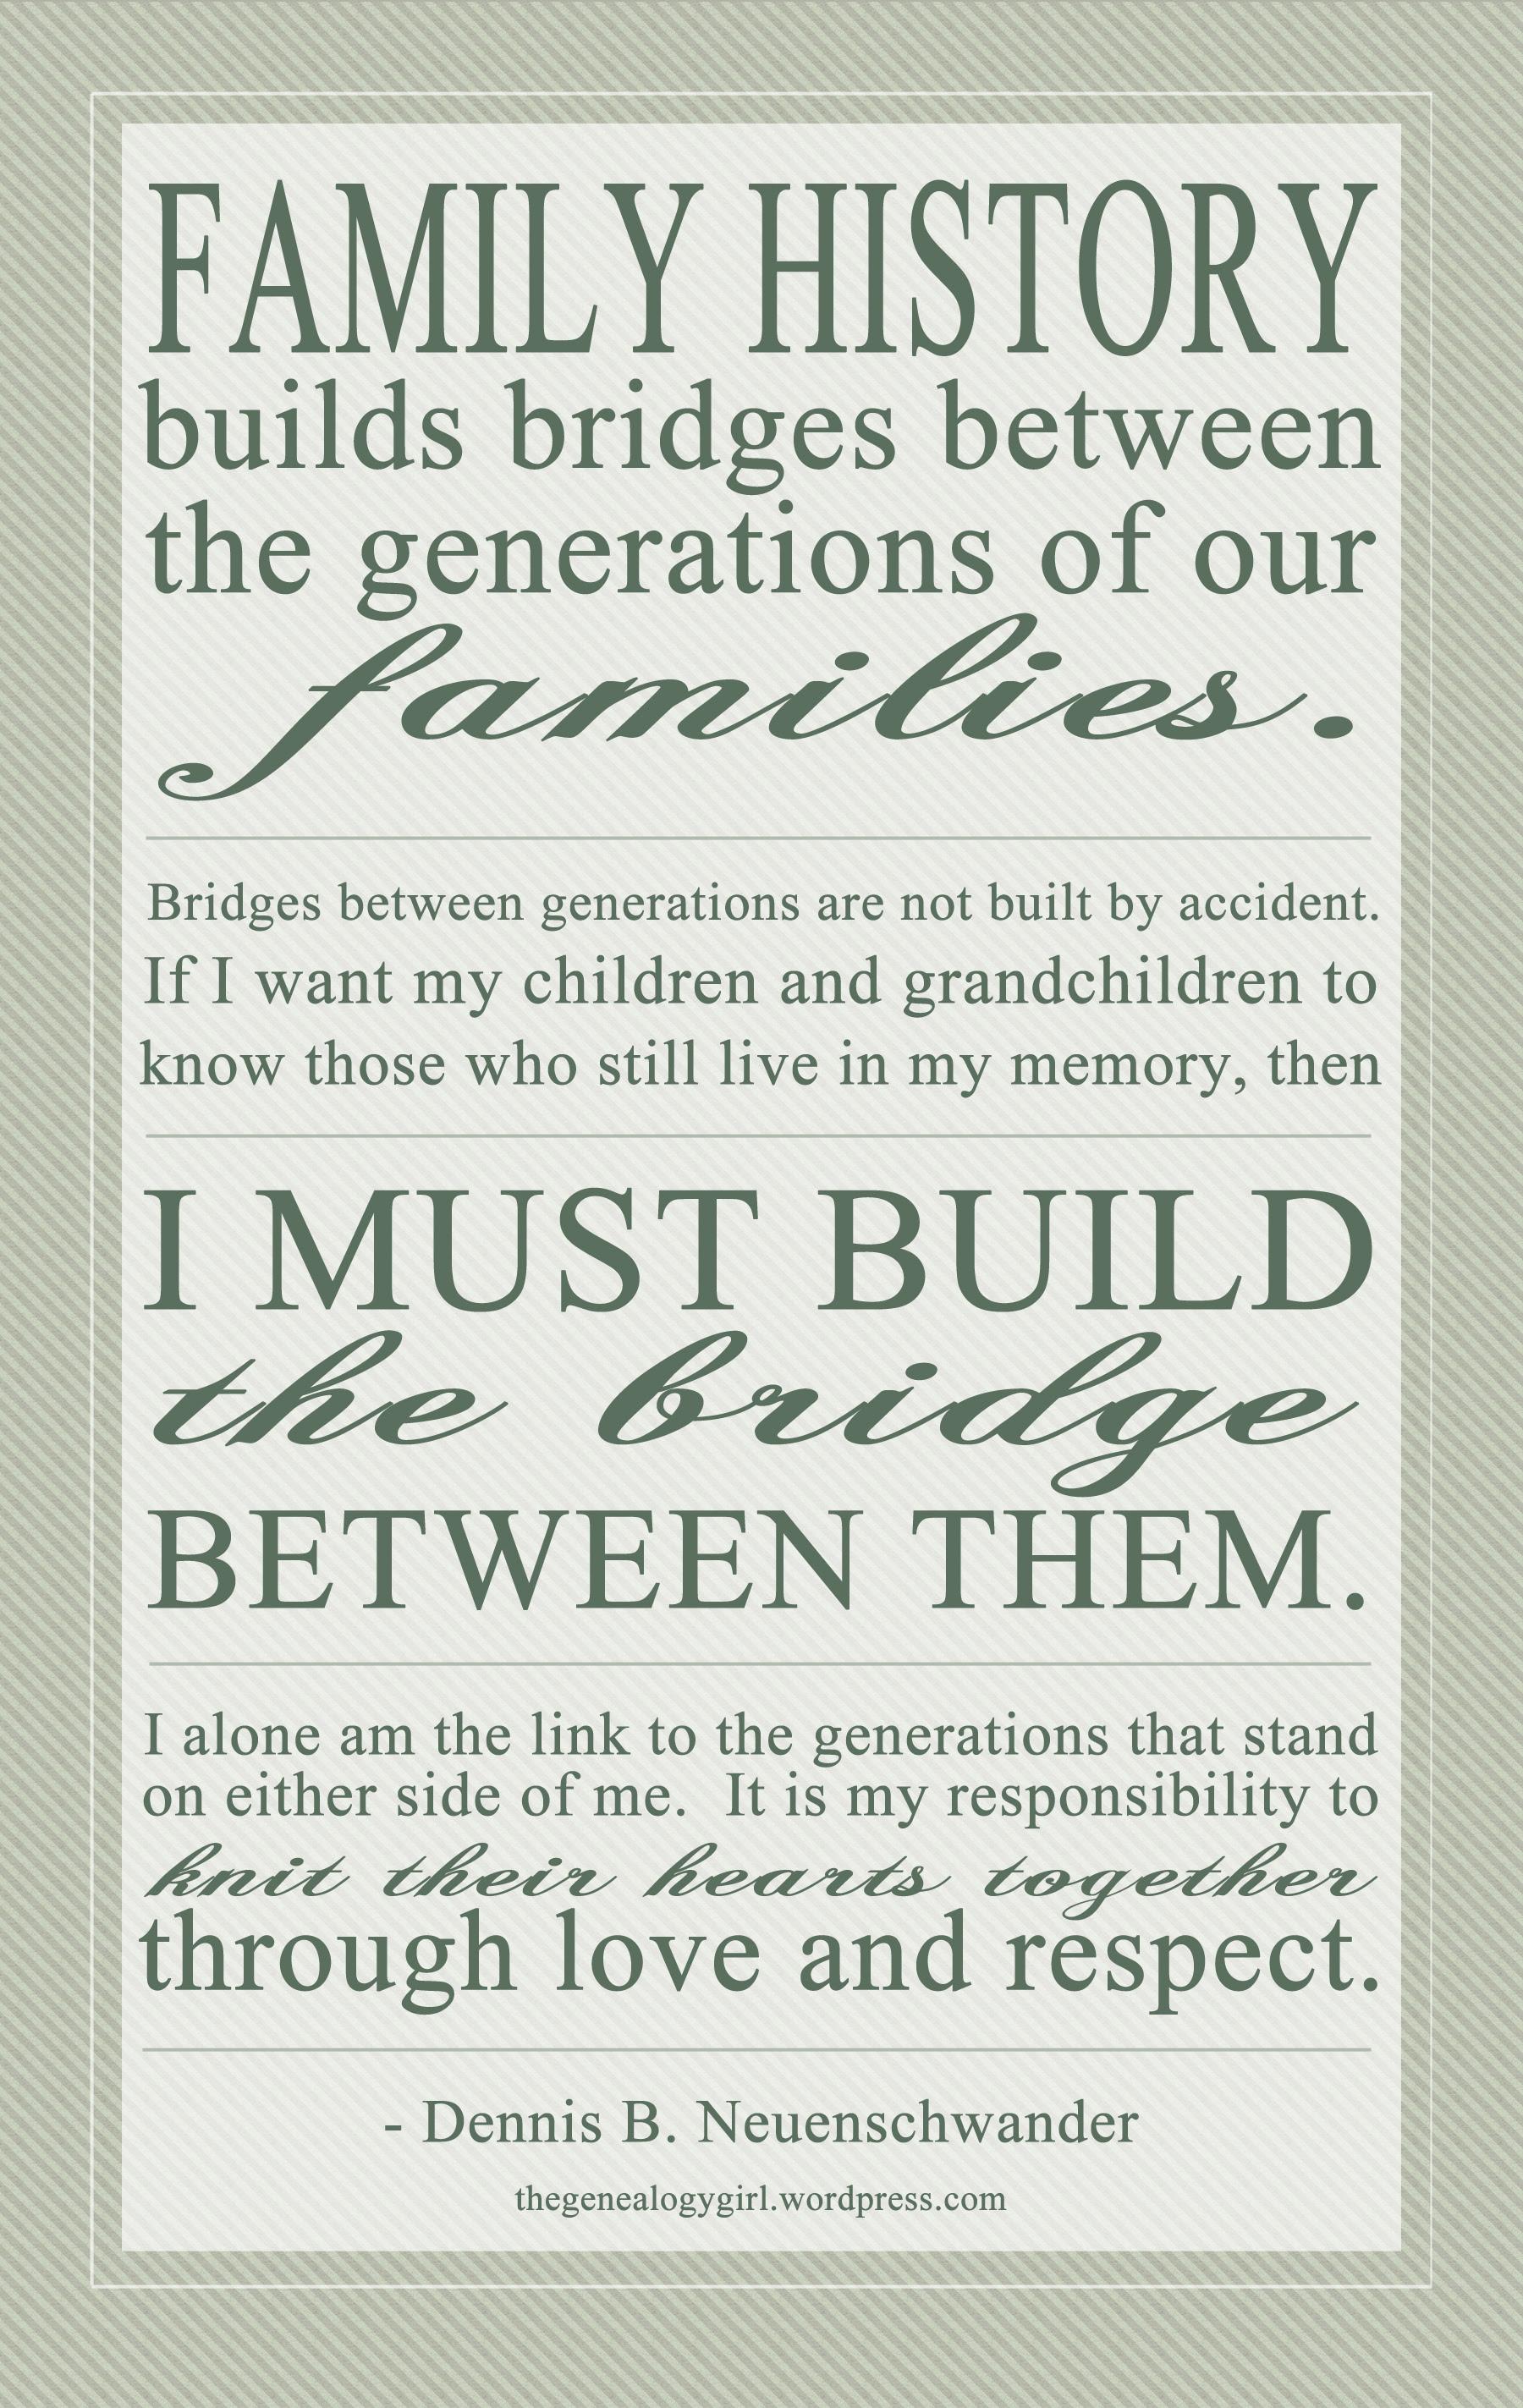 Dennis B Neuenschwander Quote The Genealogy Girl